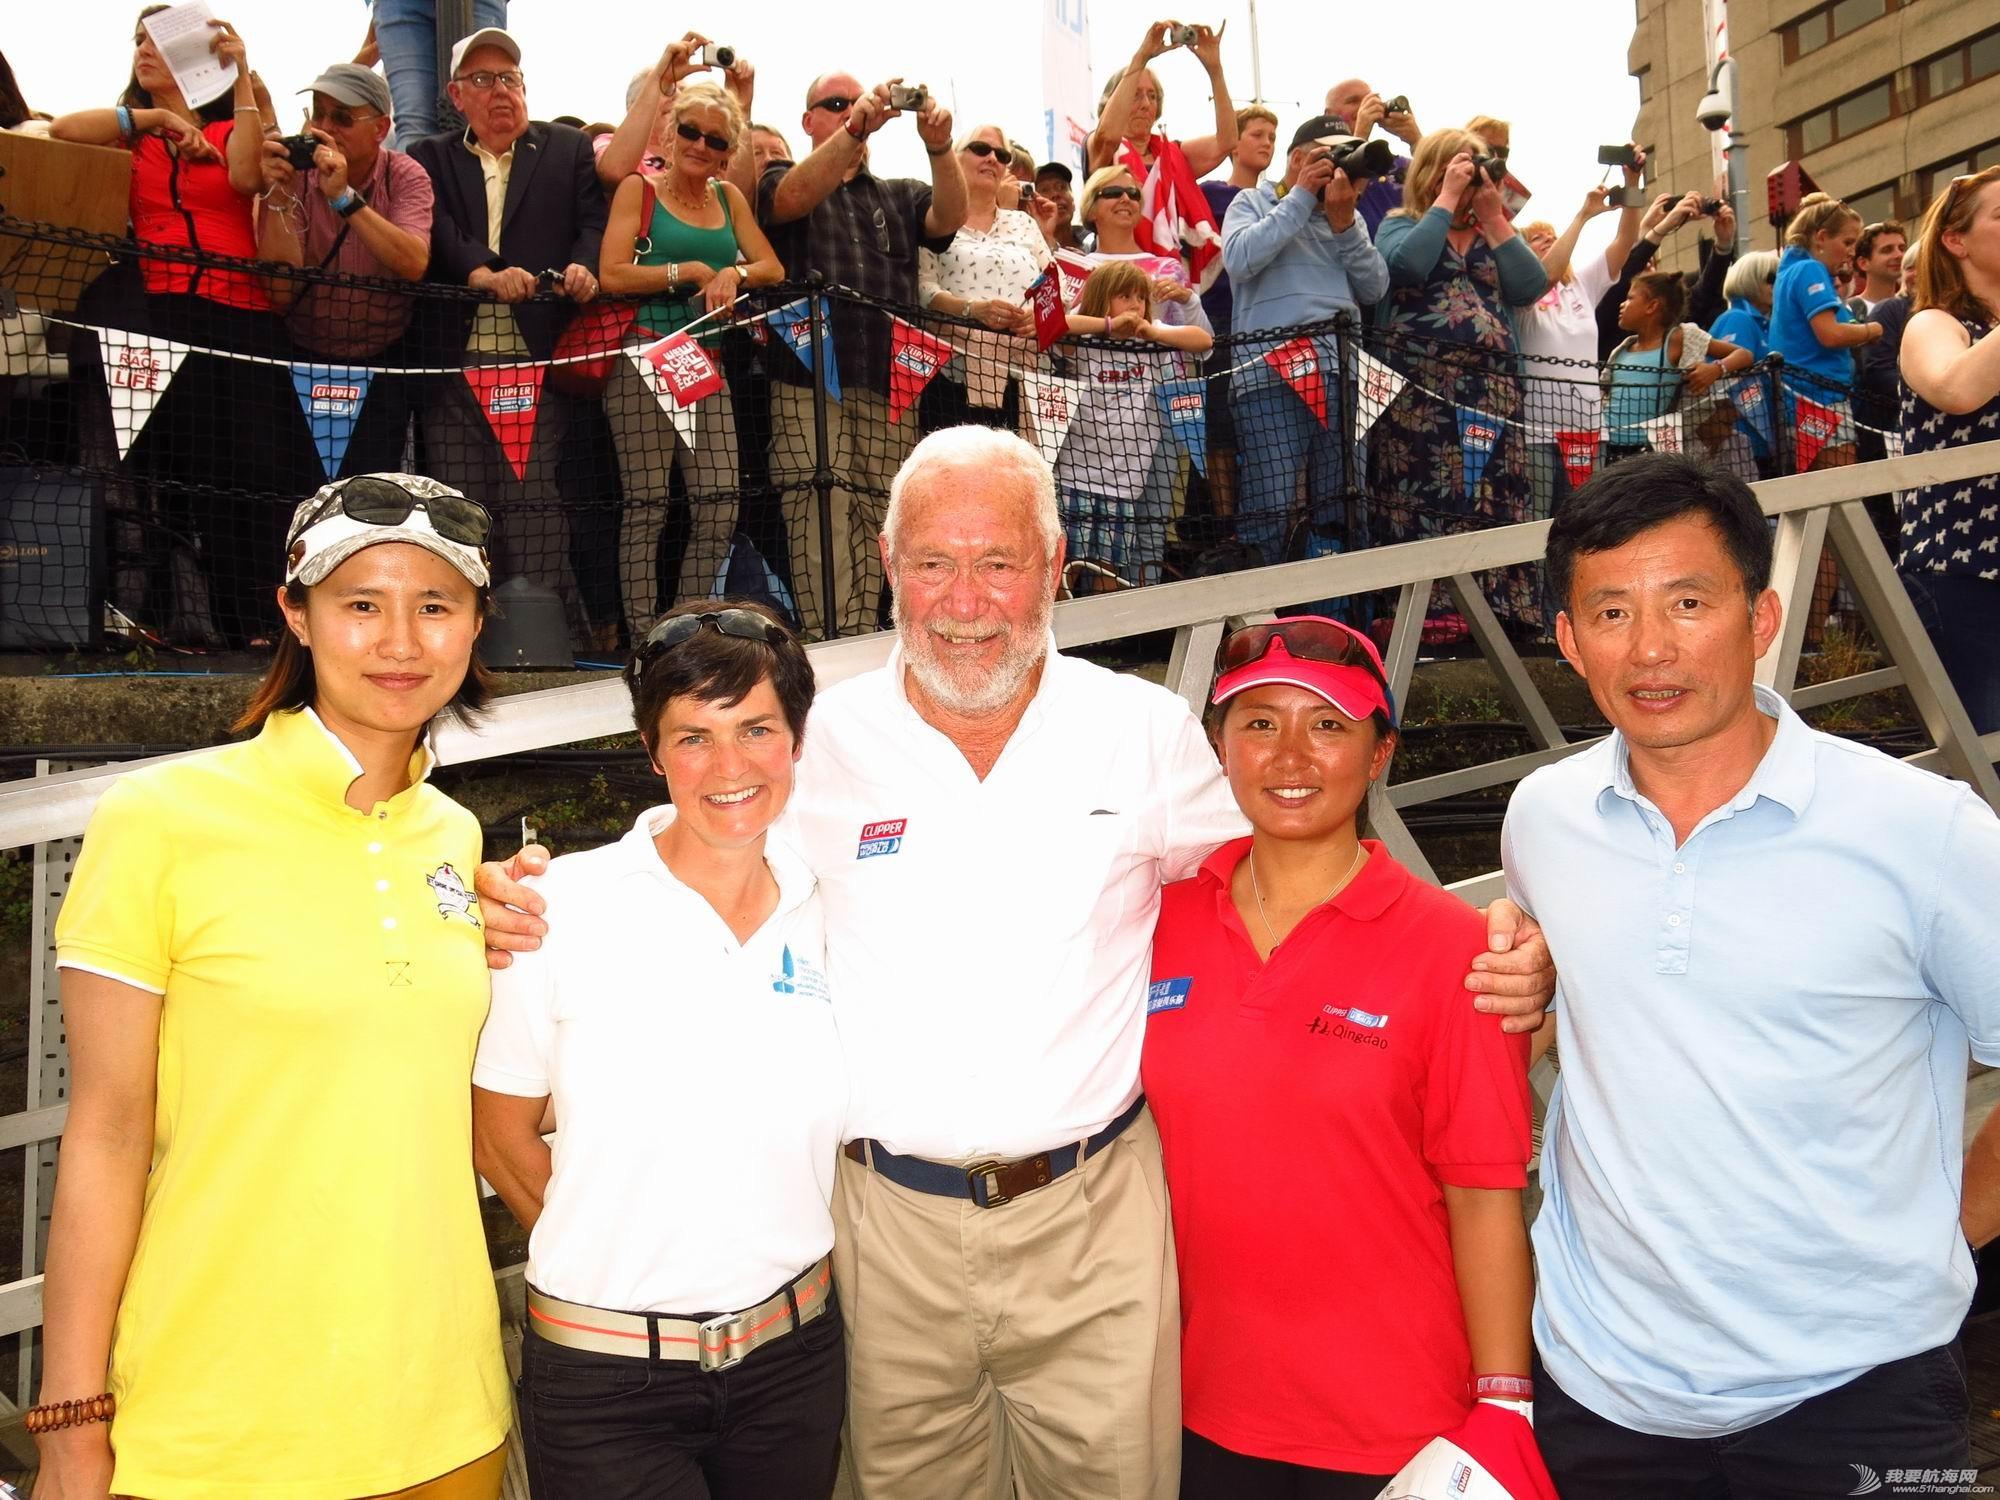 奥运冠军,大不列颠,泰晤士河,航海家,徐莉佳 中国姑娘宋坤顺利完成克利伯环球帆船赛,成为中国第一位完成帆船赛环球航行的女水手。 mm.jpg